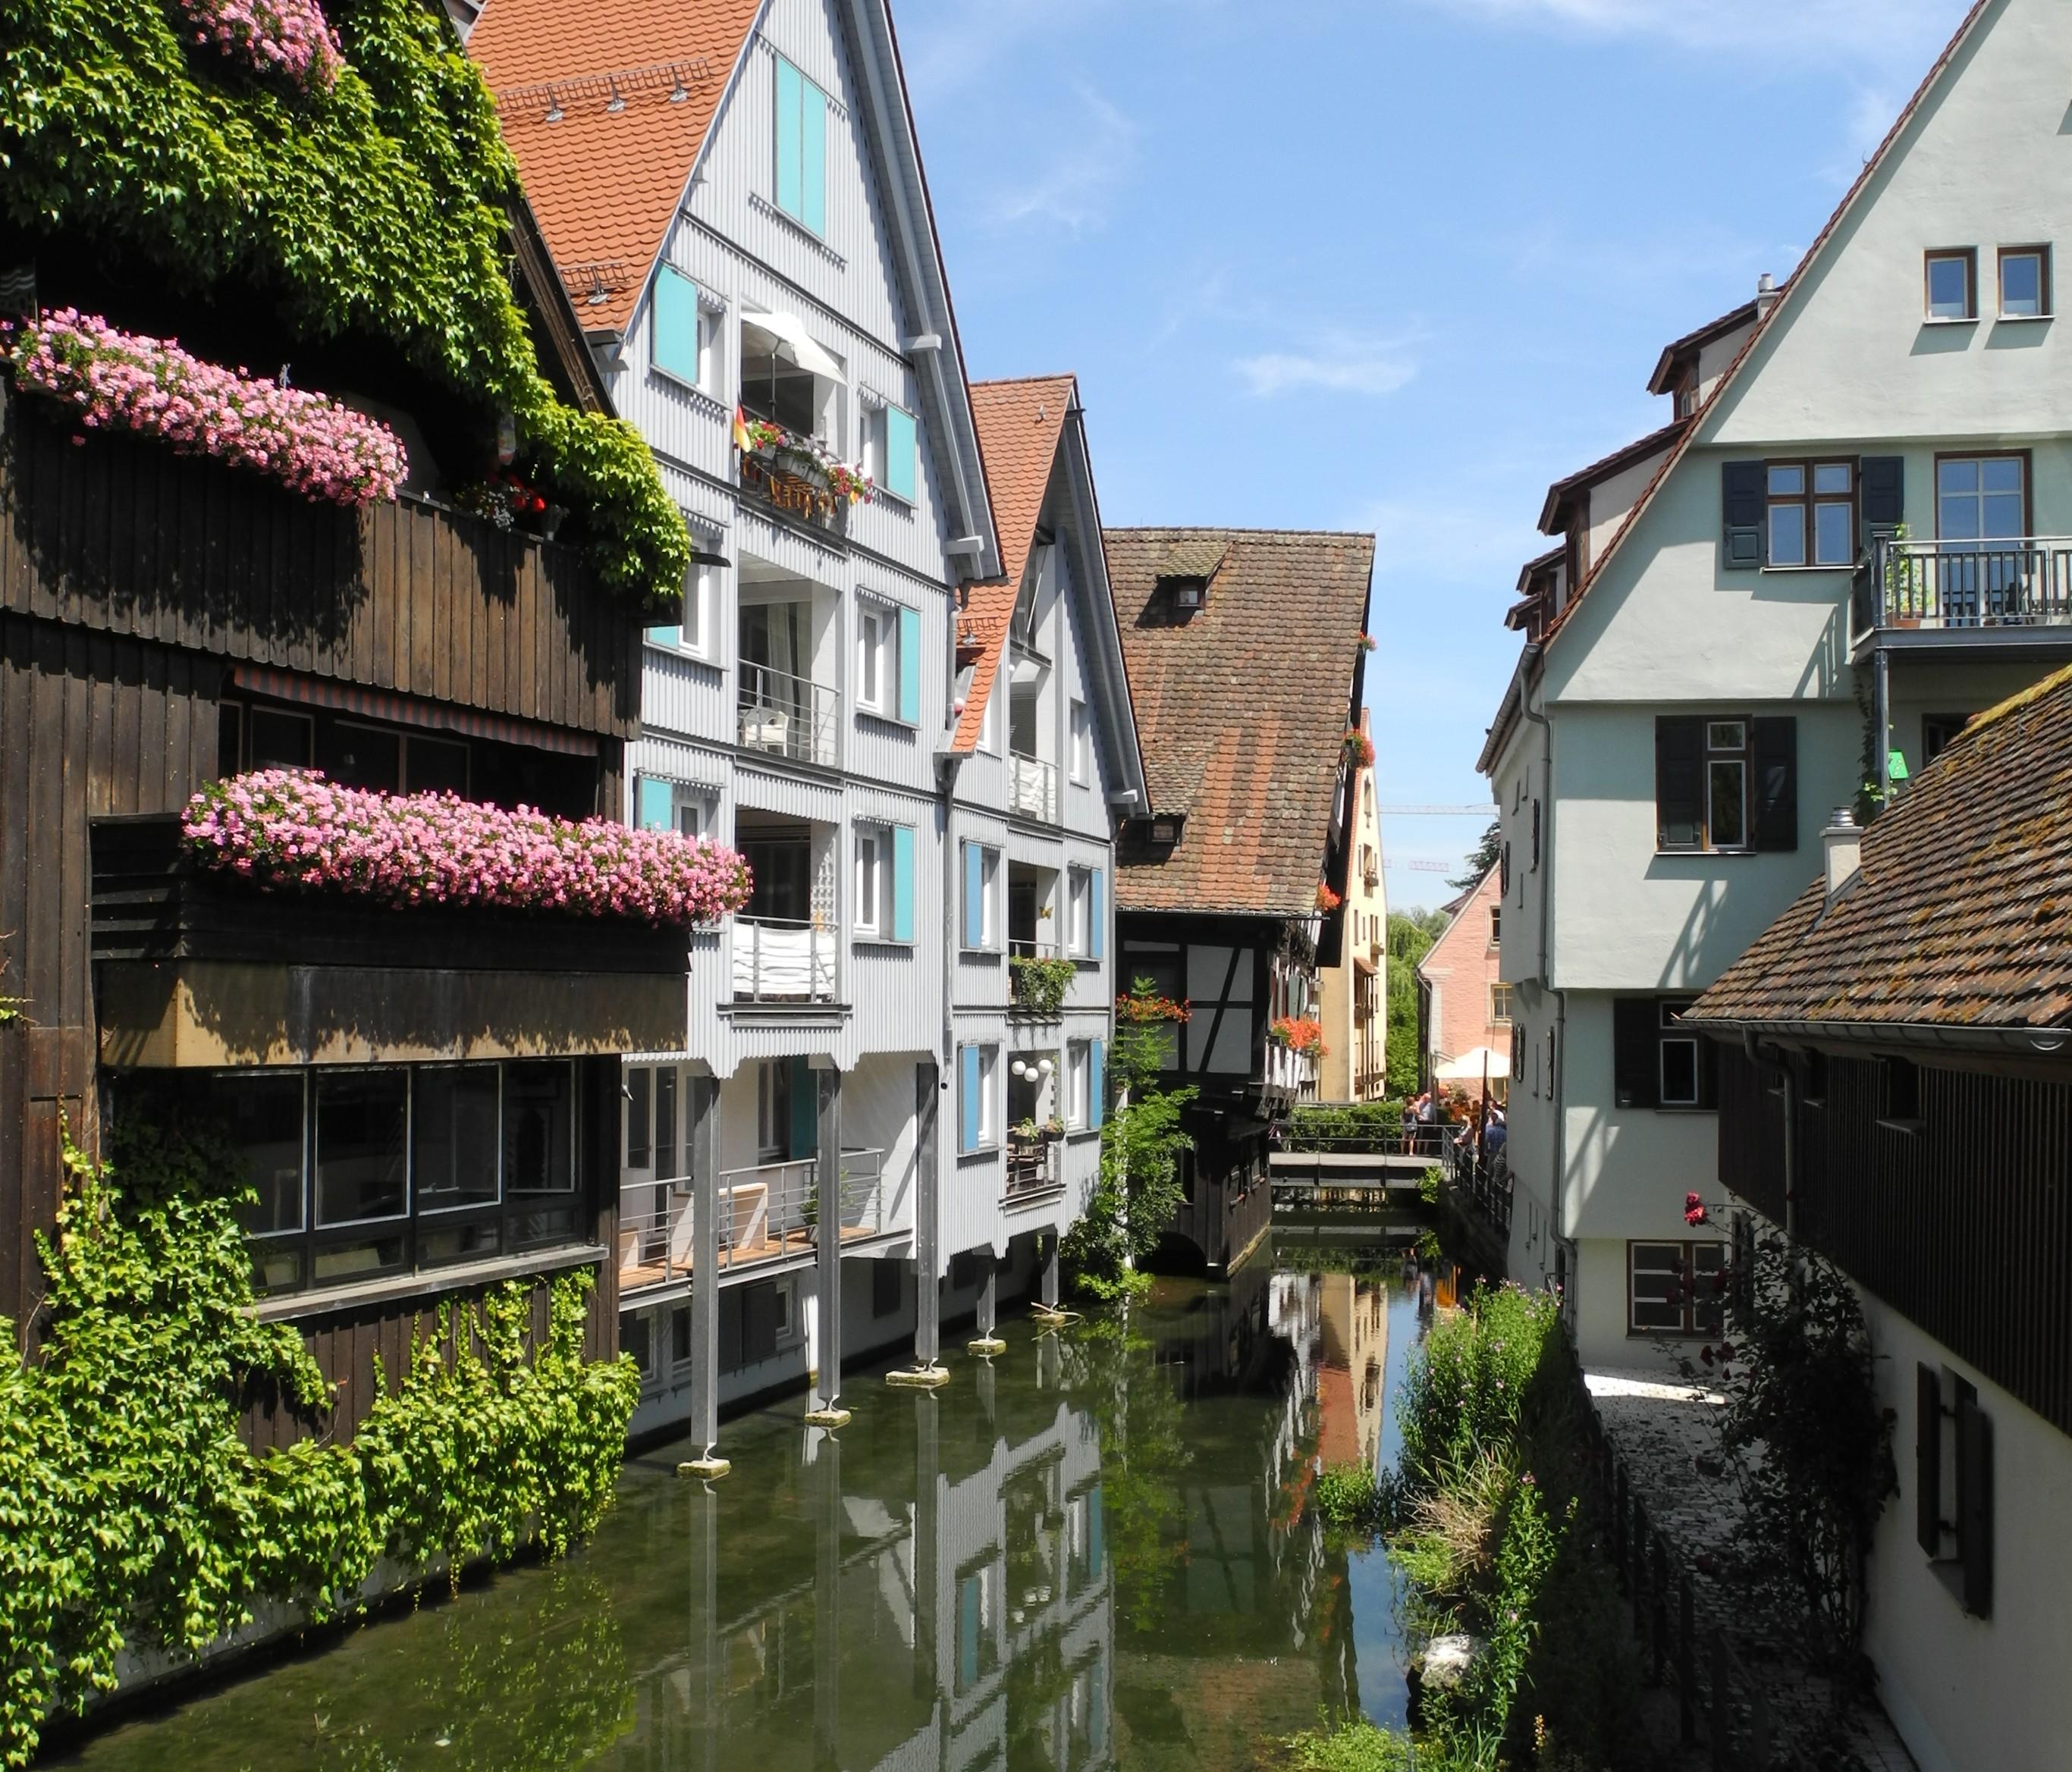 Fischerviertel, Blauarm, Schiefes Haus.JPG